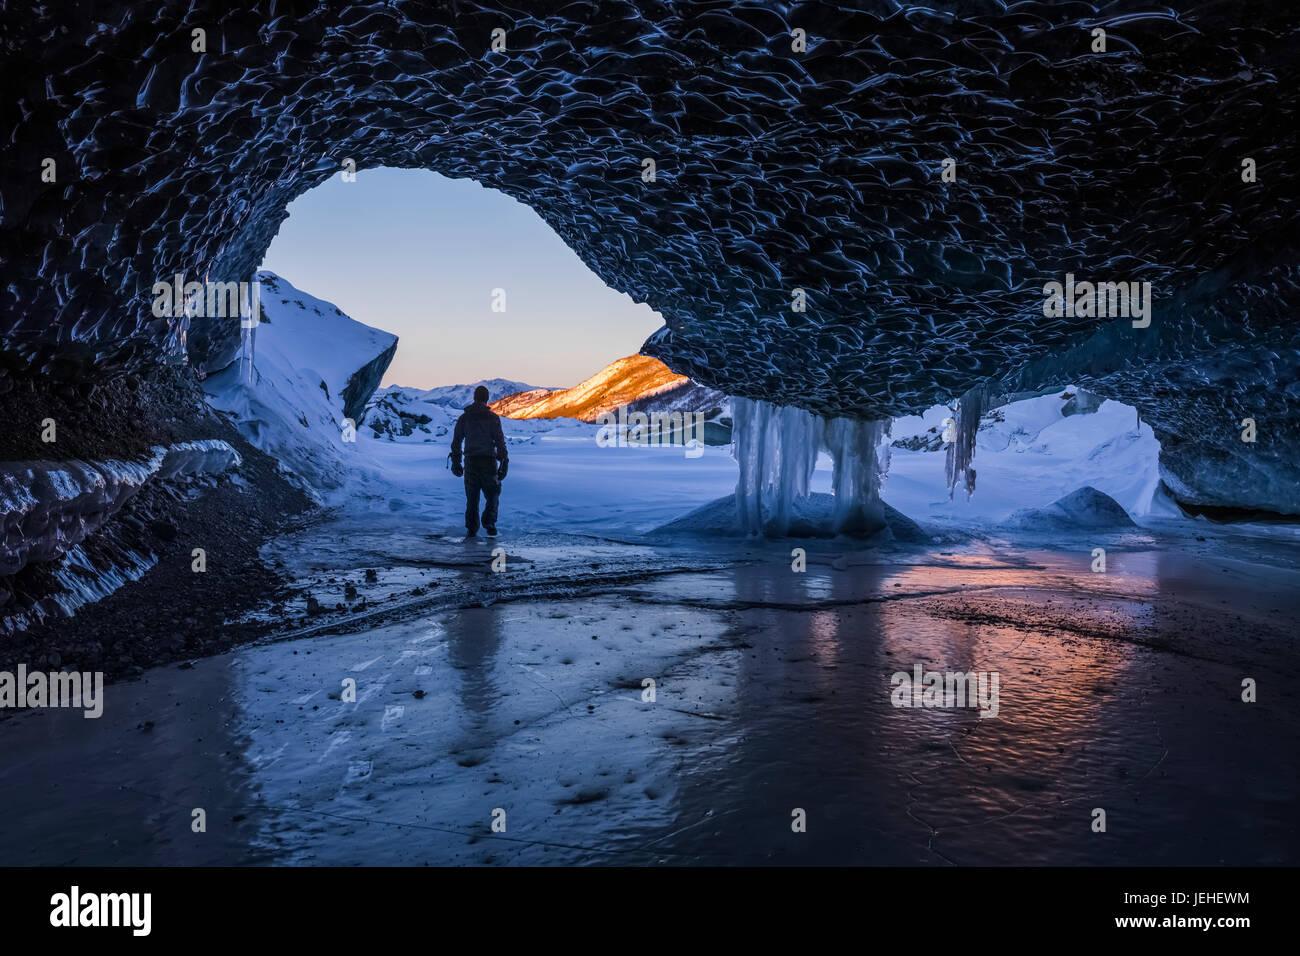 Un homme marche à l'entrée d'un tunnel de glace au terminus de Canwell Glacier dans la chaîne Photo Stock